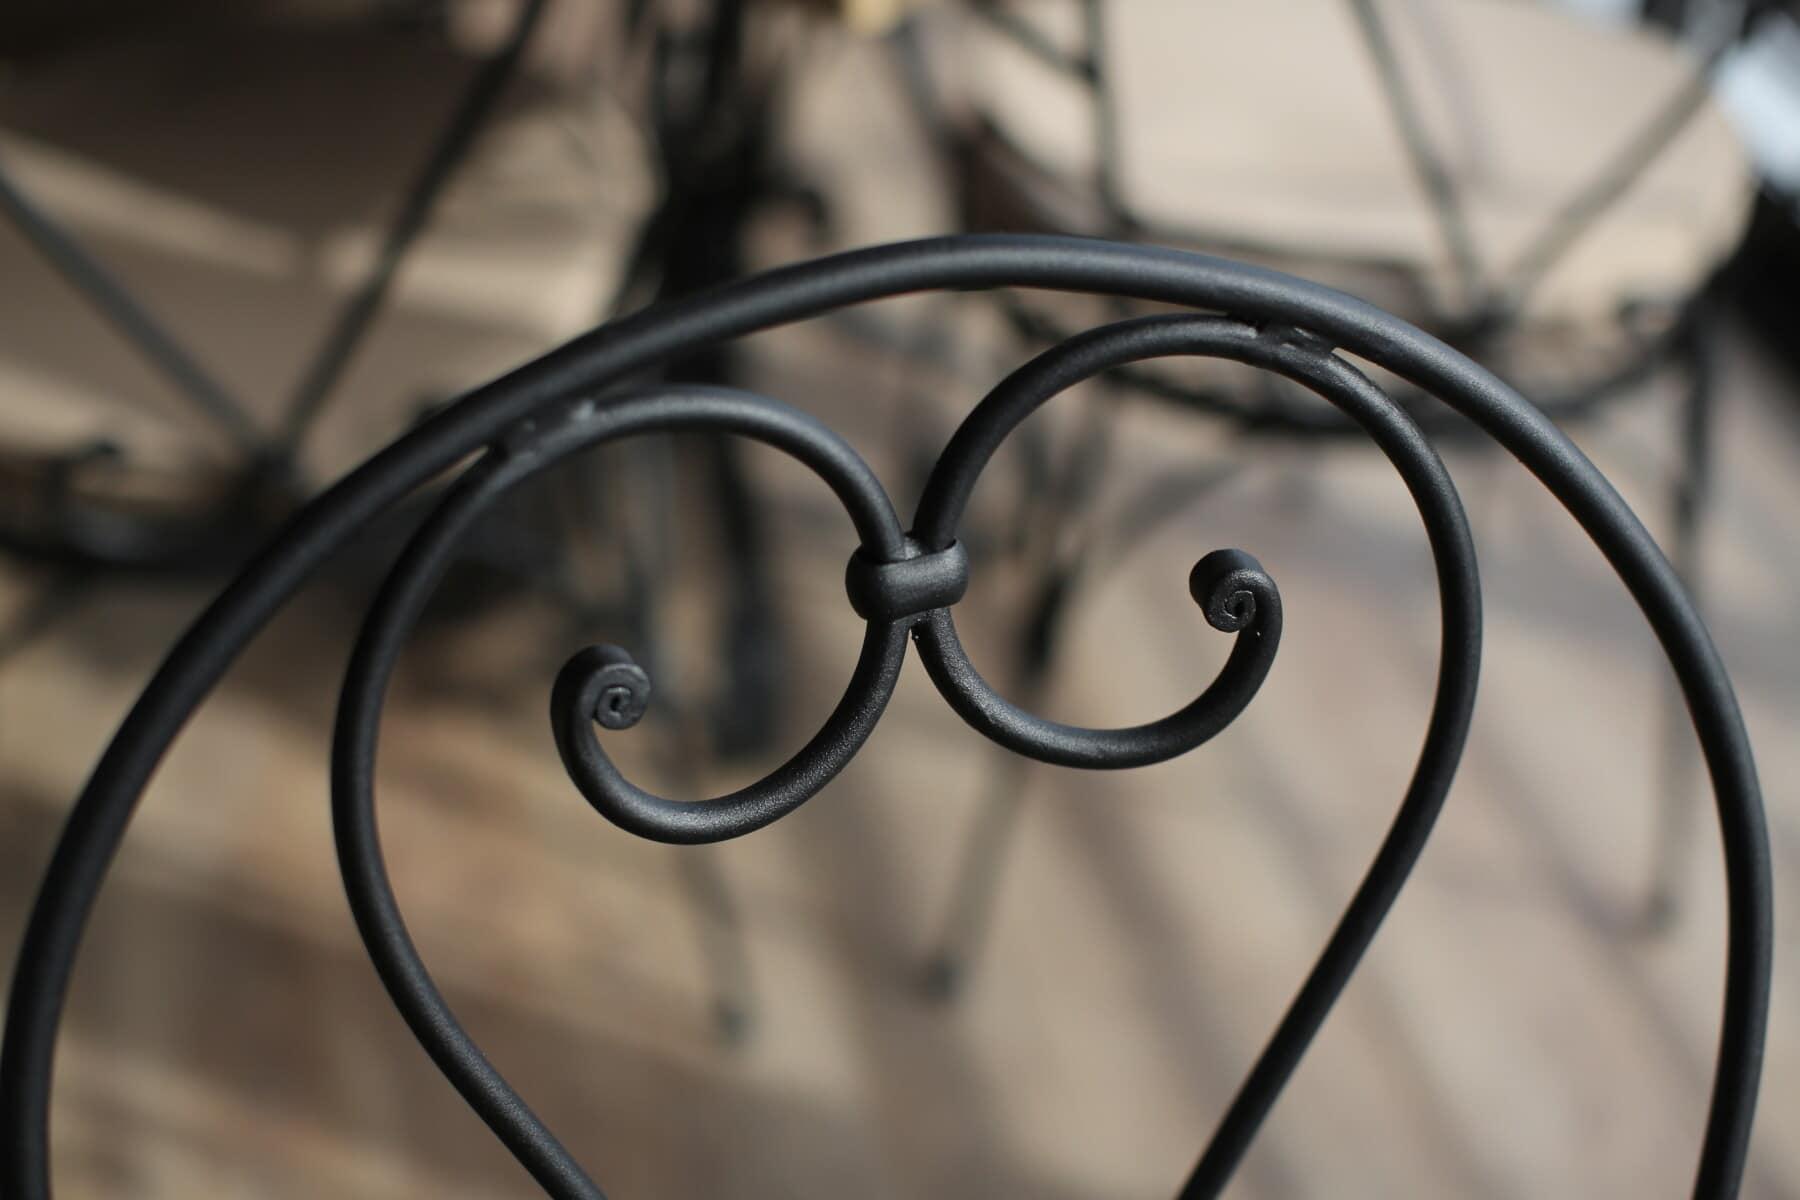 metal, chair, iron, cast iron, craft, curl, handmade, heart, shape, structure